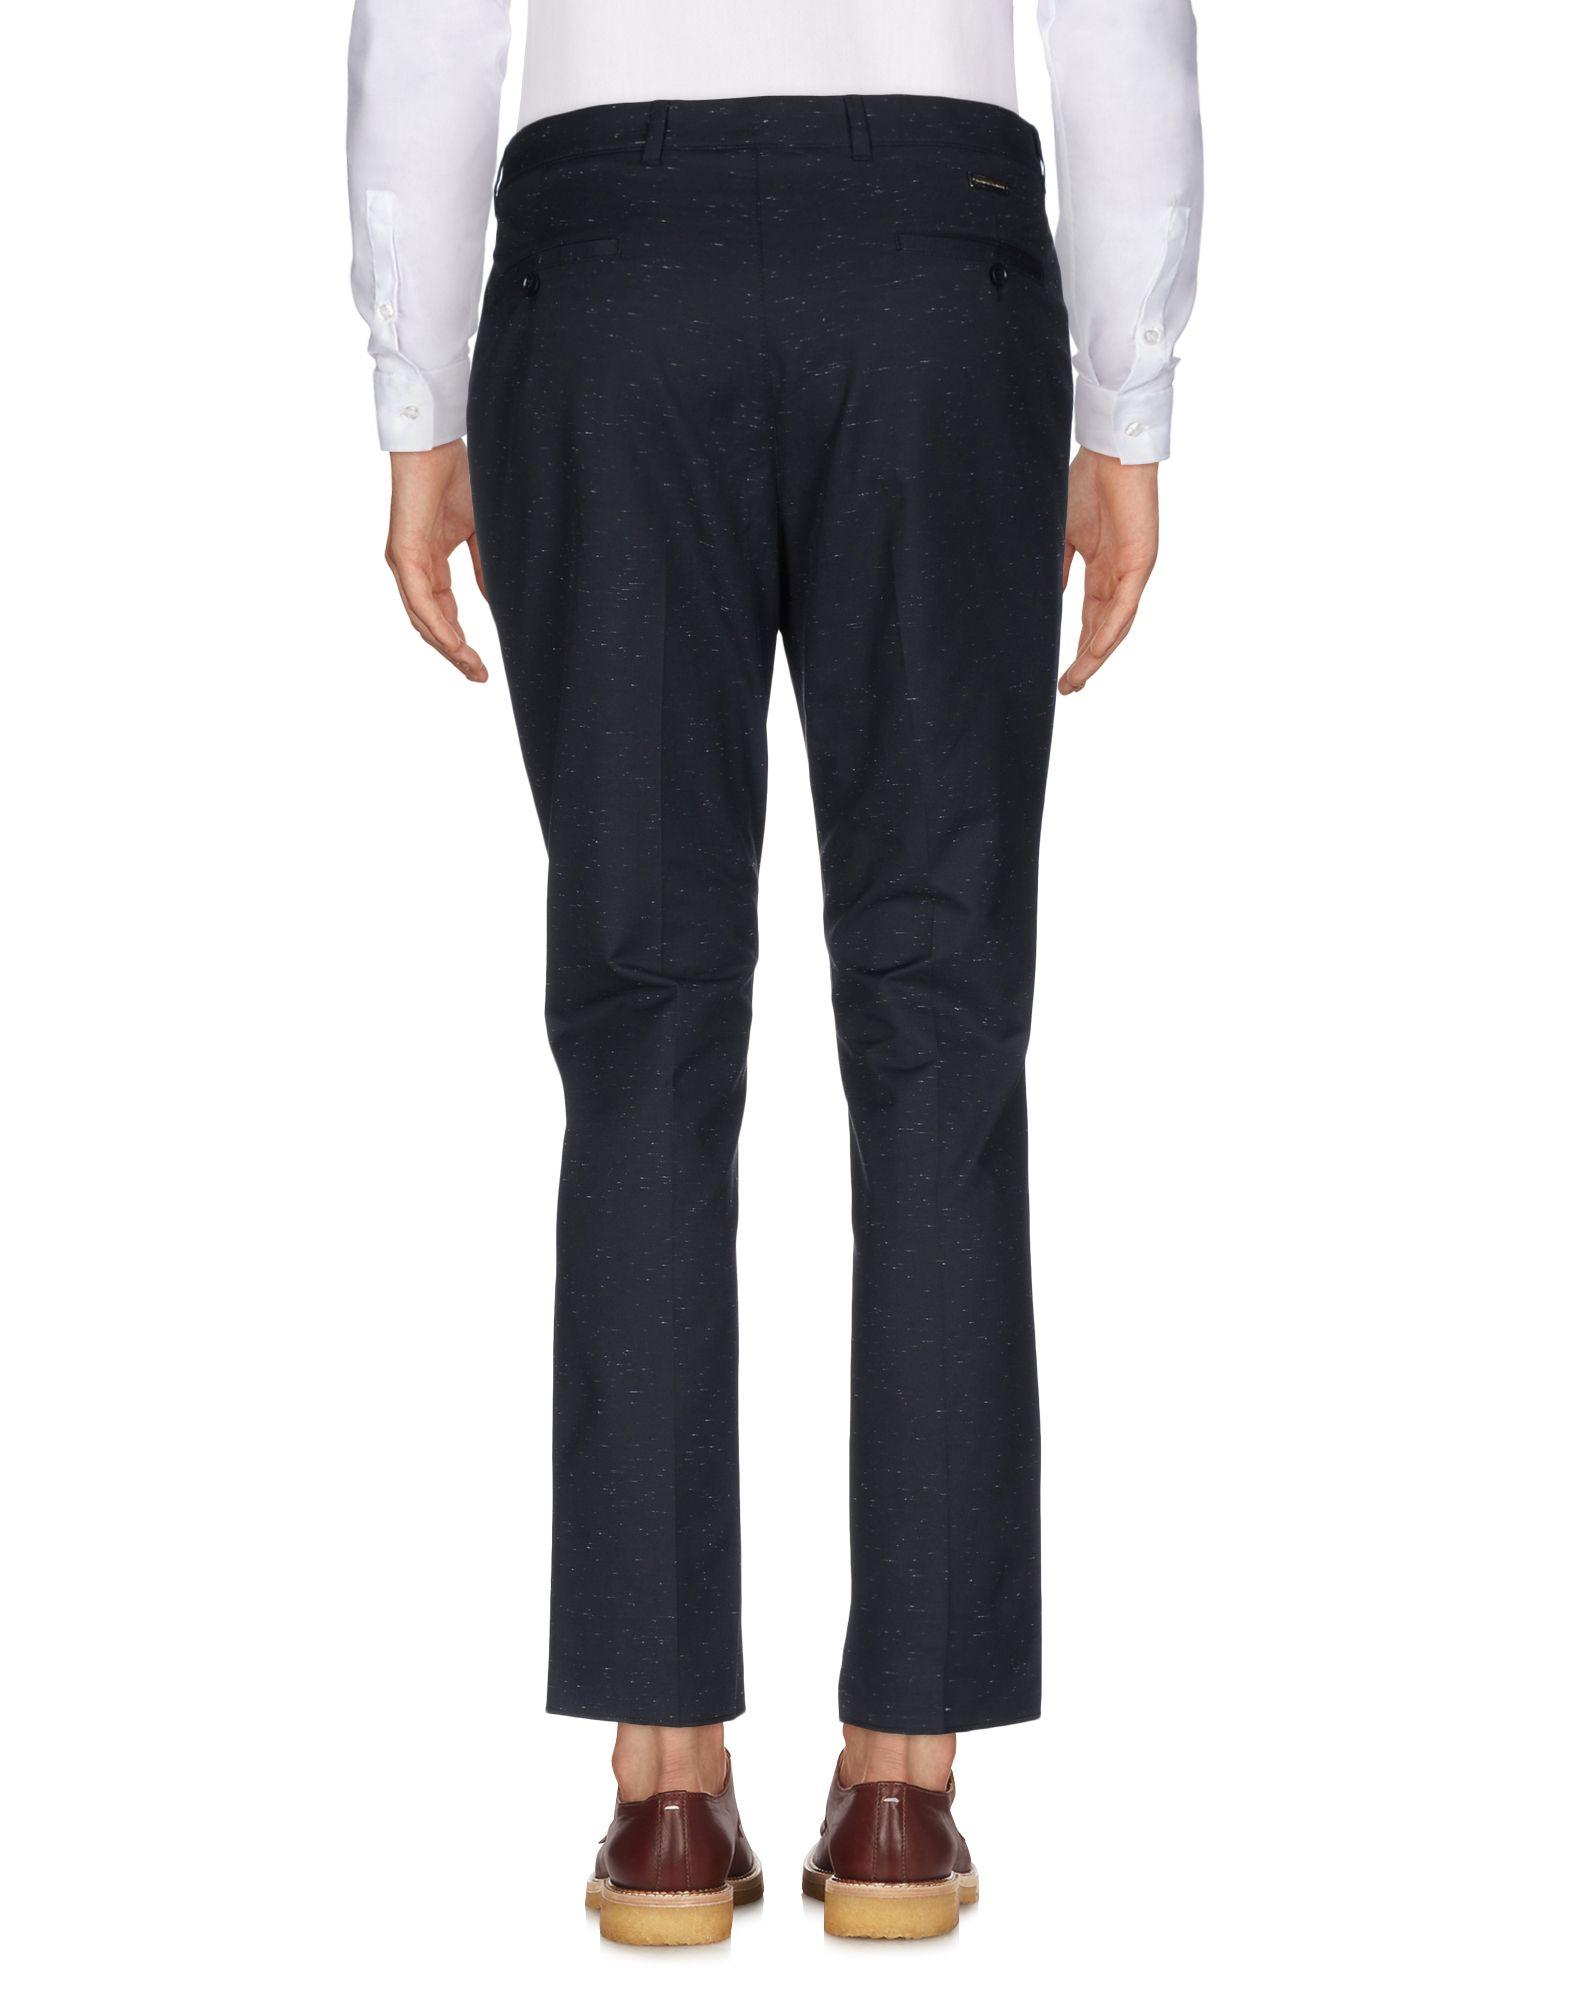 Pantalone Alessandro Dell'acqua Uomo 13119500HO - 13119500HO Uomo 163317